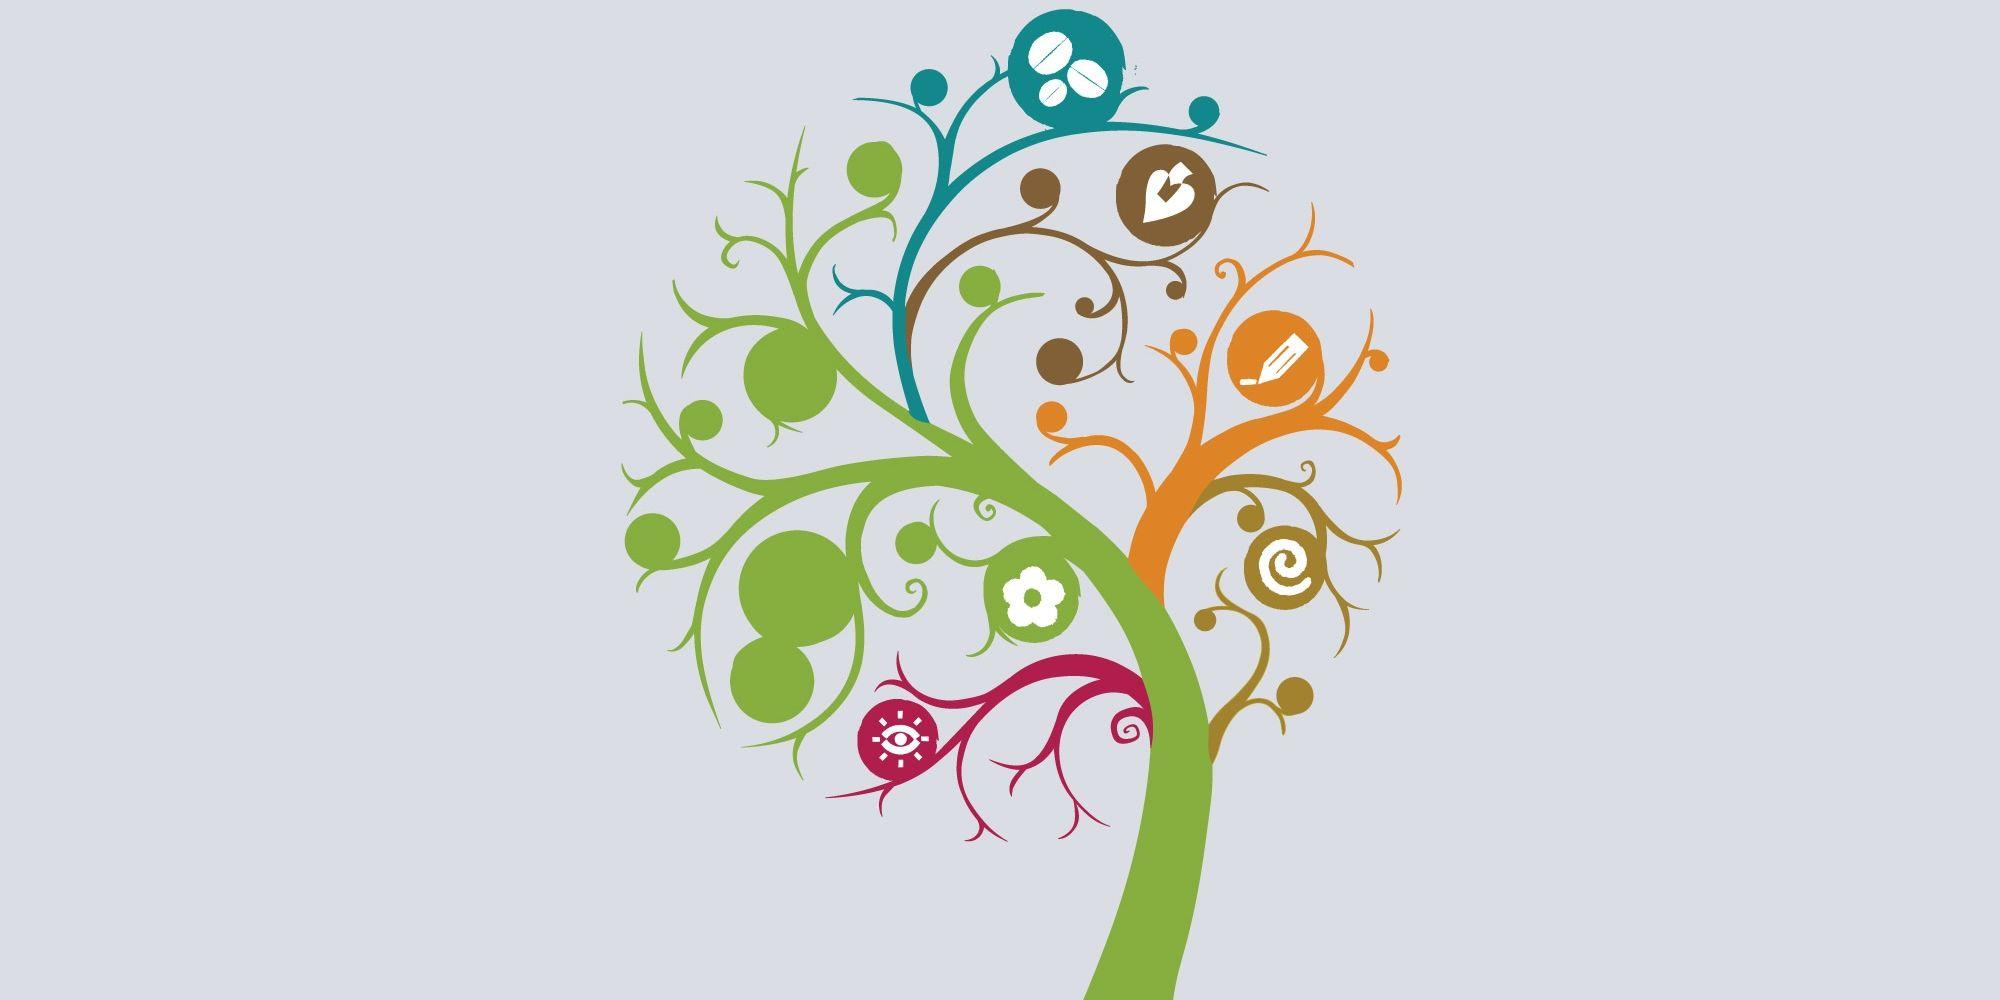 Mondo solidale - Cooperativa Sociale per un'economia solidale e giusta